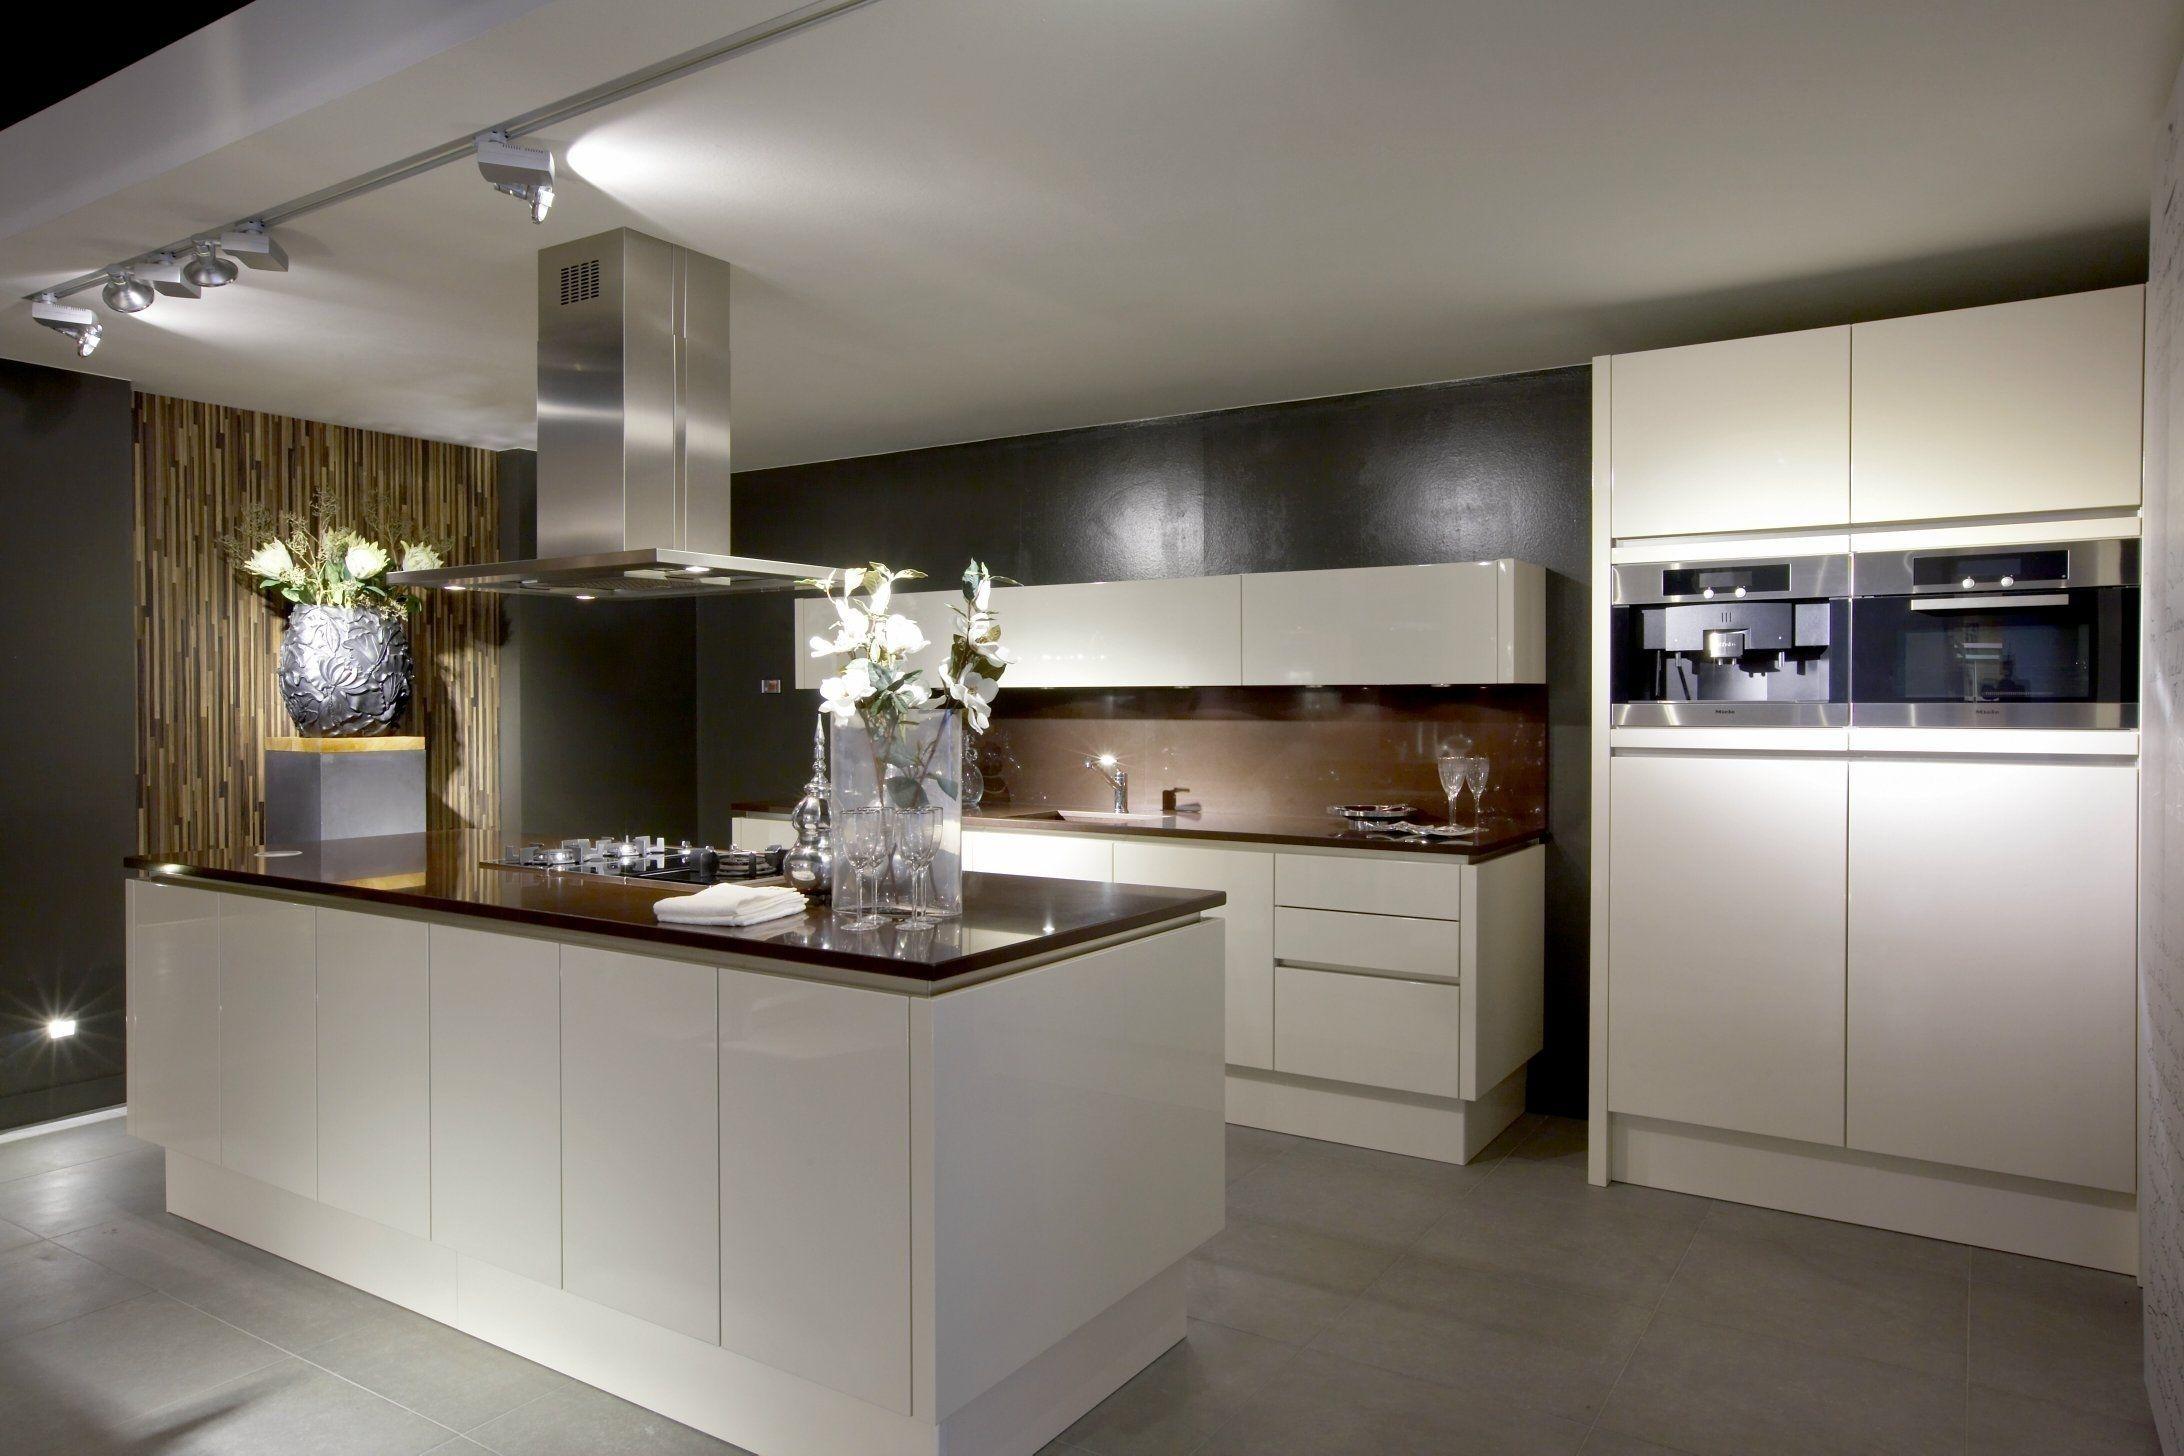 Siematic Keukens Utrecht : Beste van siematic keukens utrecht decoration in